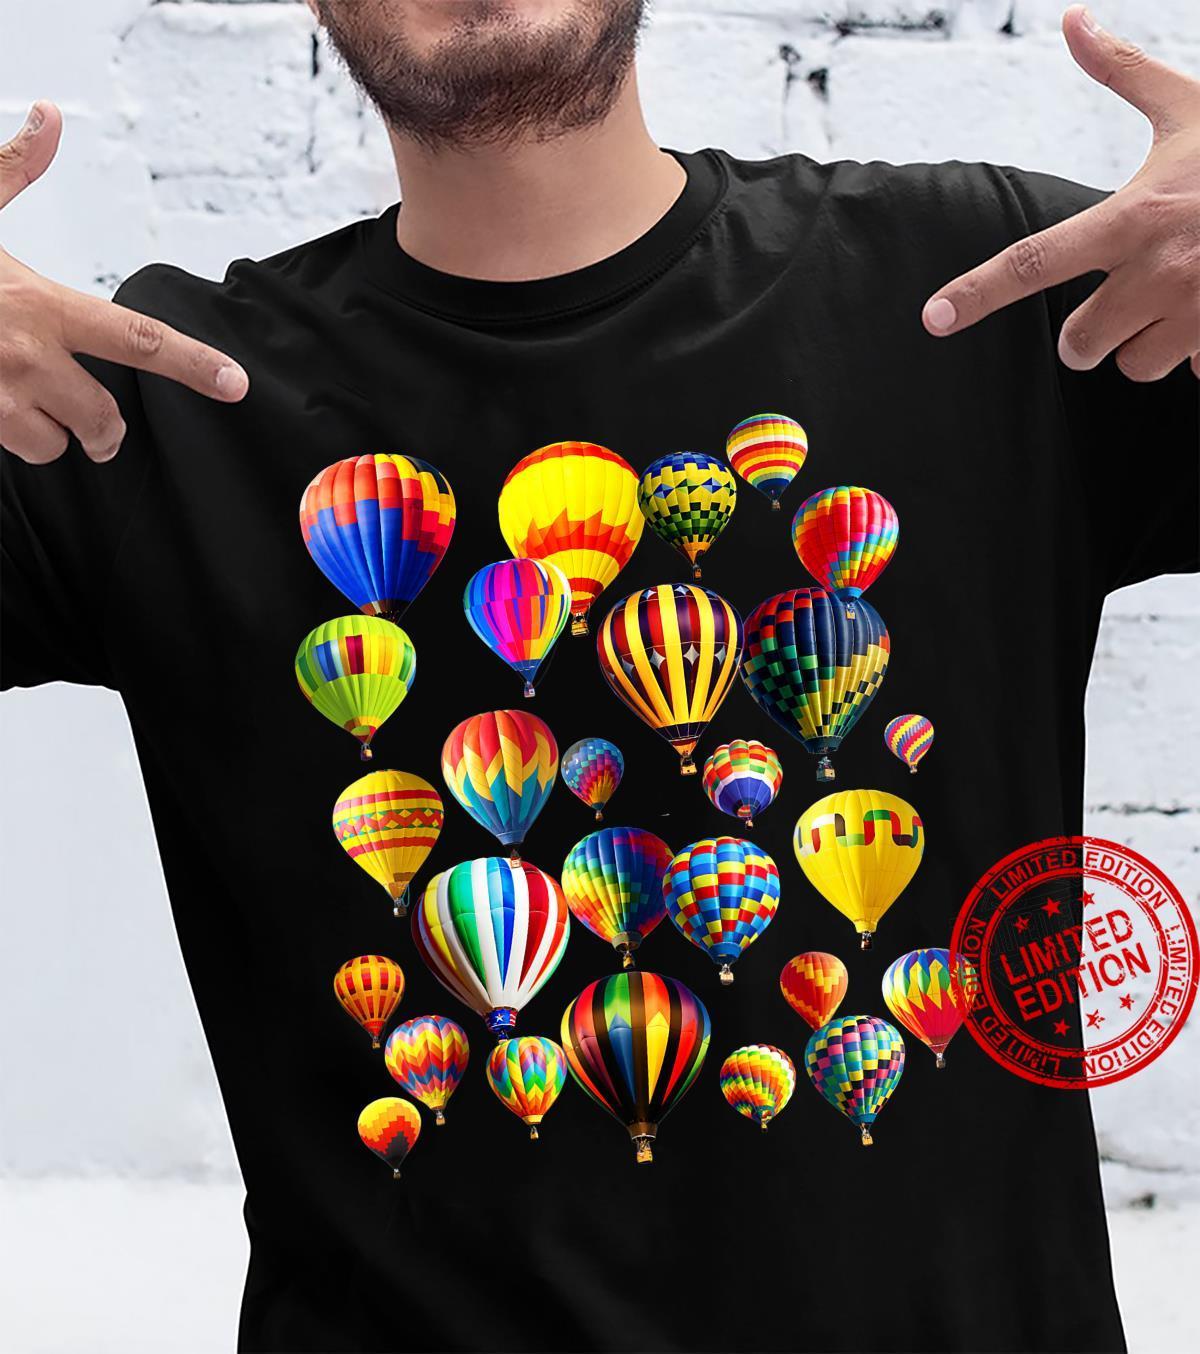 TShirt with Cute Hot Air Balloon Design Shirt